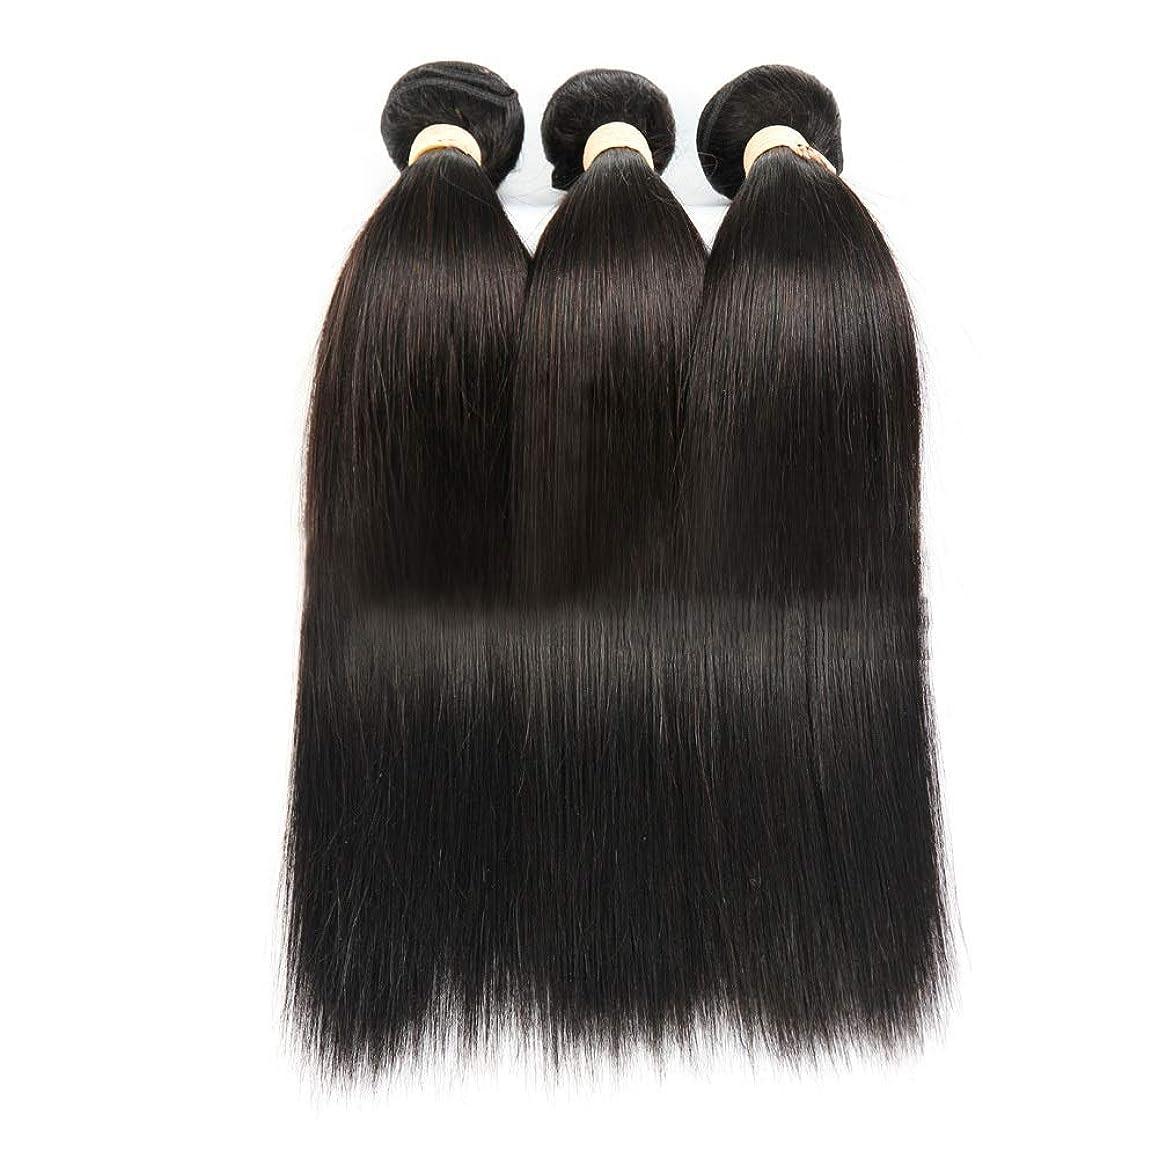 アンケート信じられない部分的BOBIDYEE ナチュラルブラック人間の髪織りバンドルリアルナチュラルヘアエクステンション横糸 - ストレート(1バンドル、8-28インチ)女性用合成かつらレースかつらロールプレイングウィッグ (色 : 黒, サイズ : 14 inch)